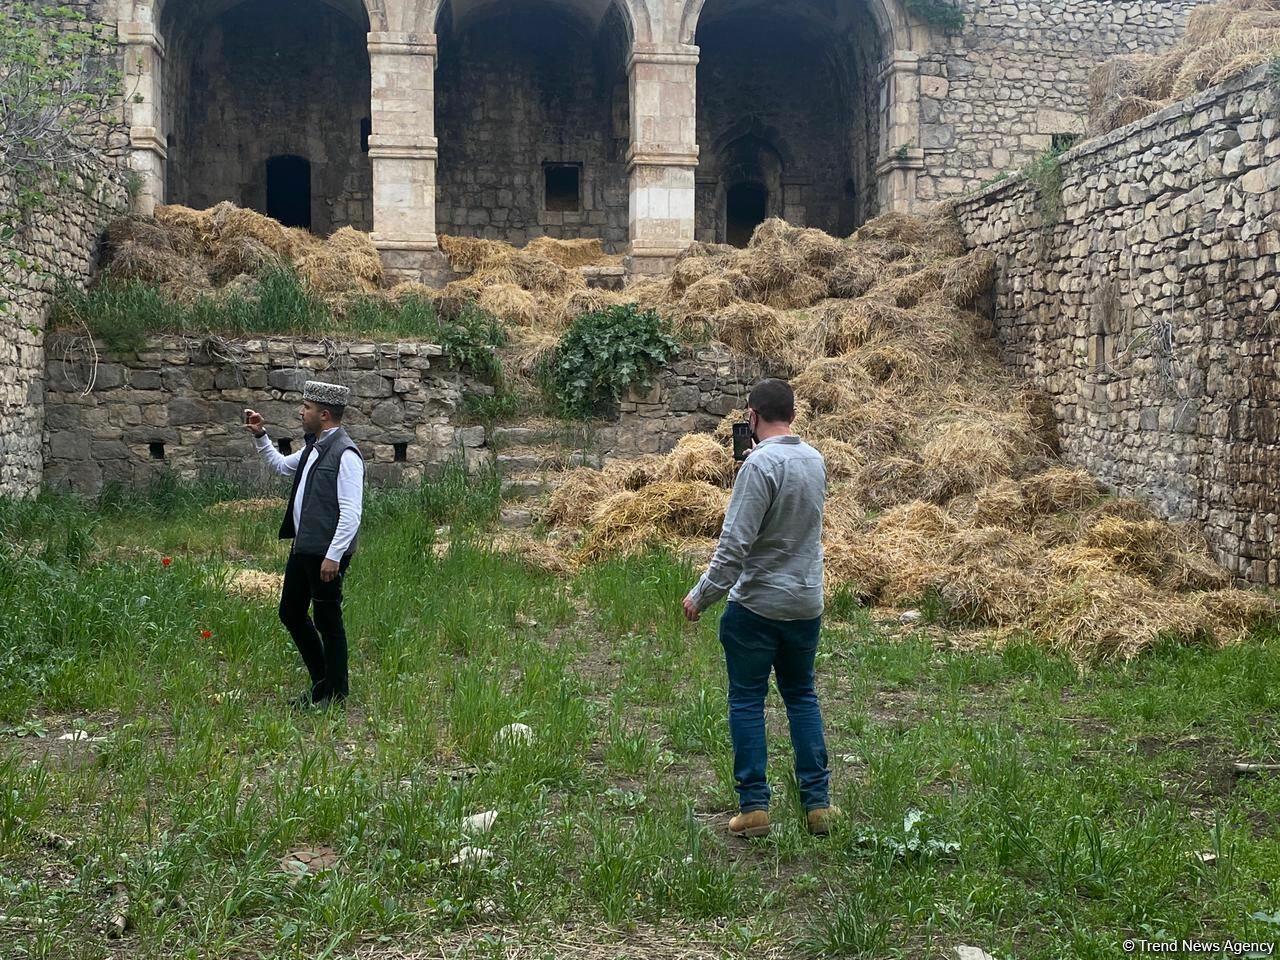 Израильские журналисты посетили караван-сарай в Физули, превращенный армянами во время оккупации в хлев